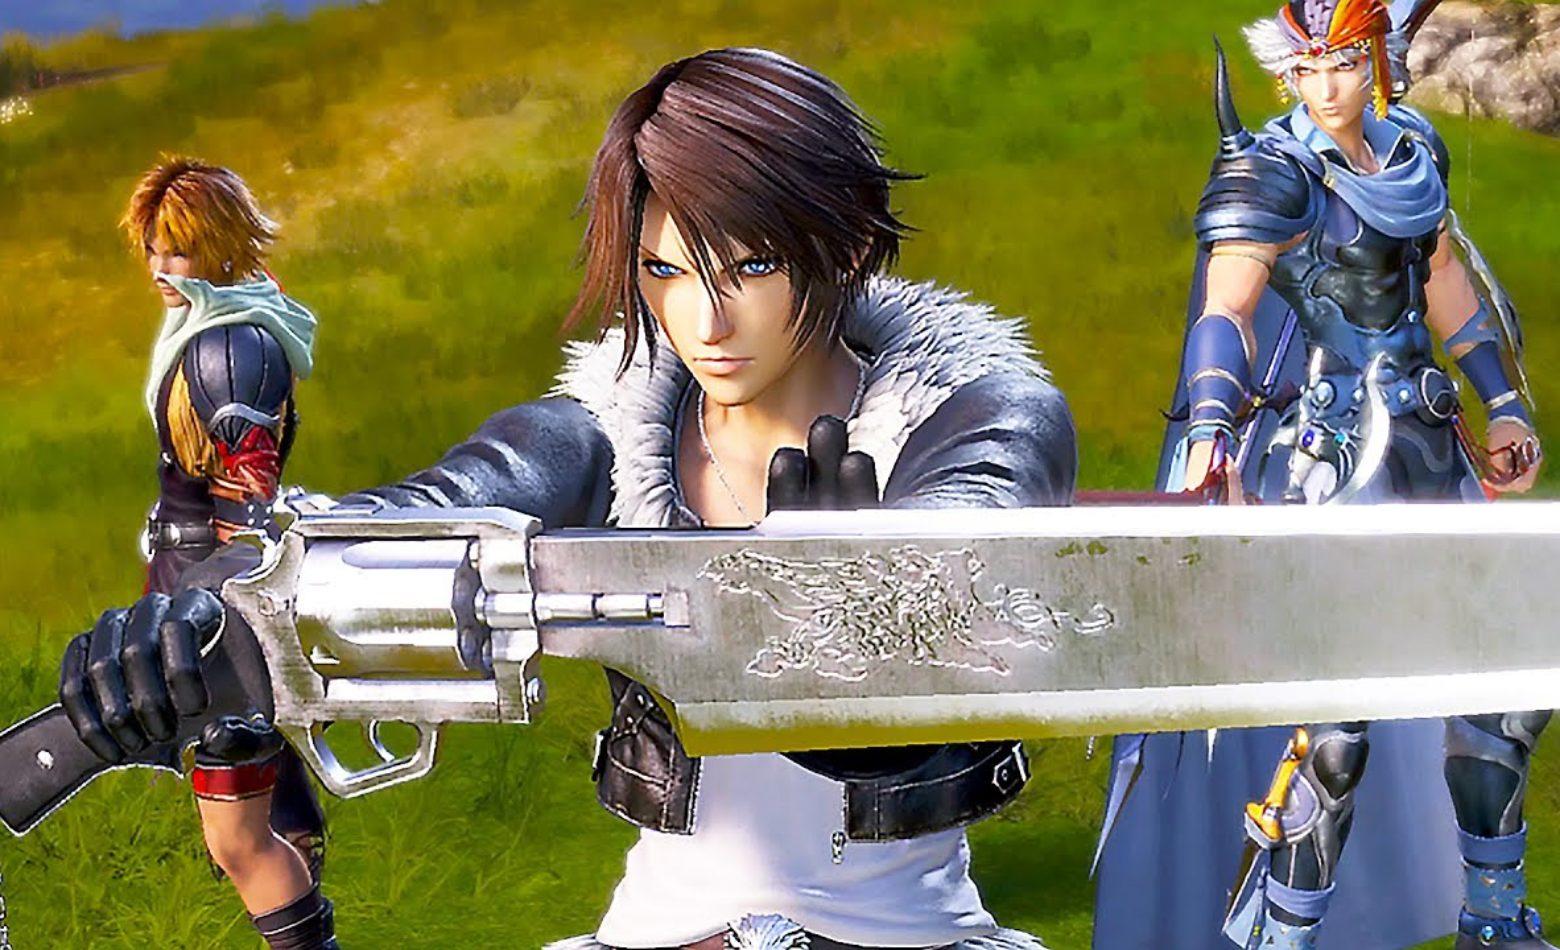 Gameplay: velho conhecido dos arcades, Dissidia Final Fantasy NT chega aos consoles